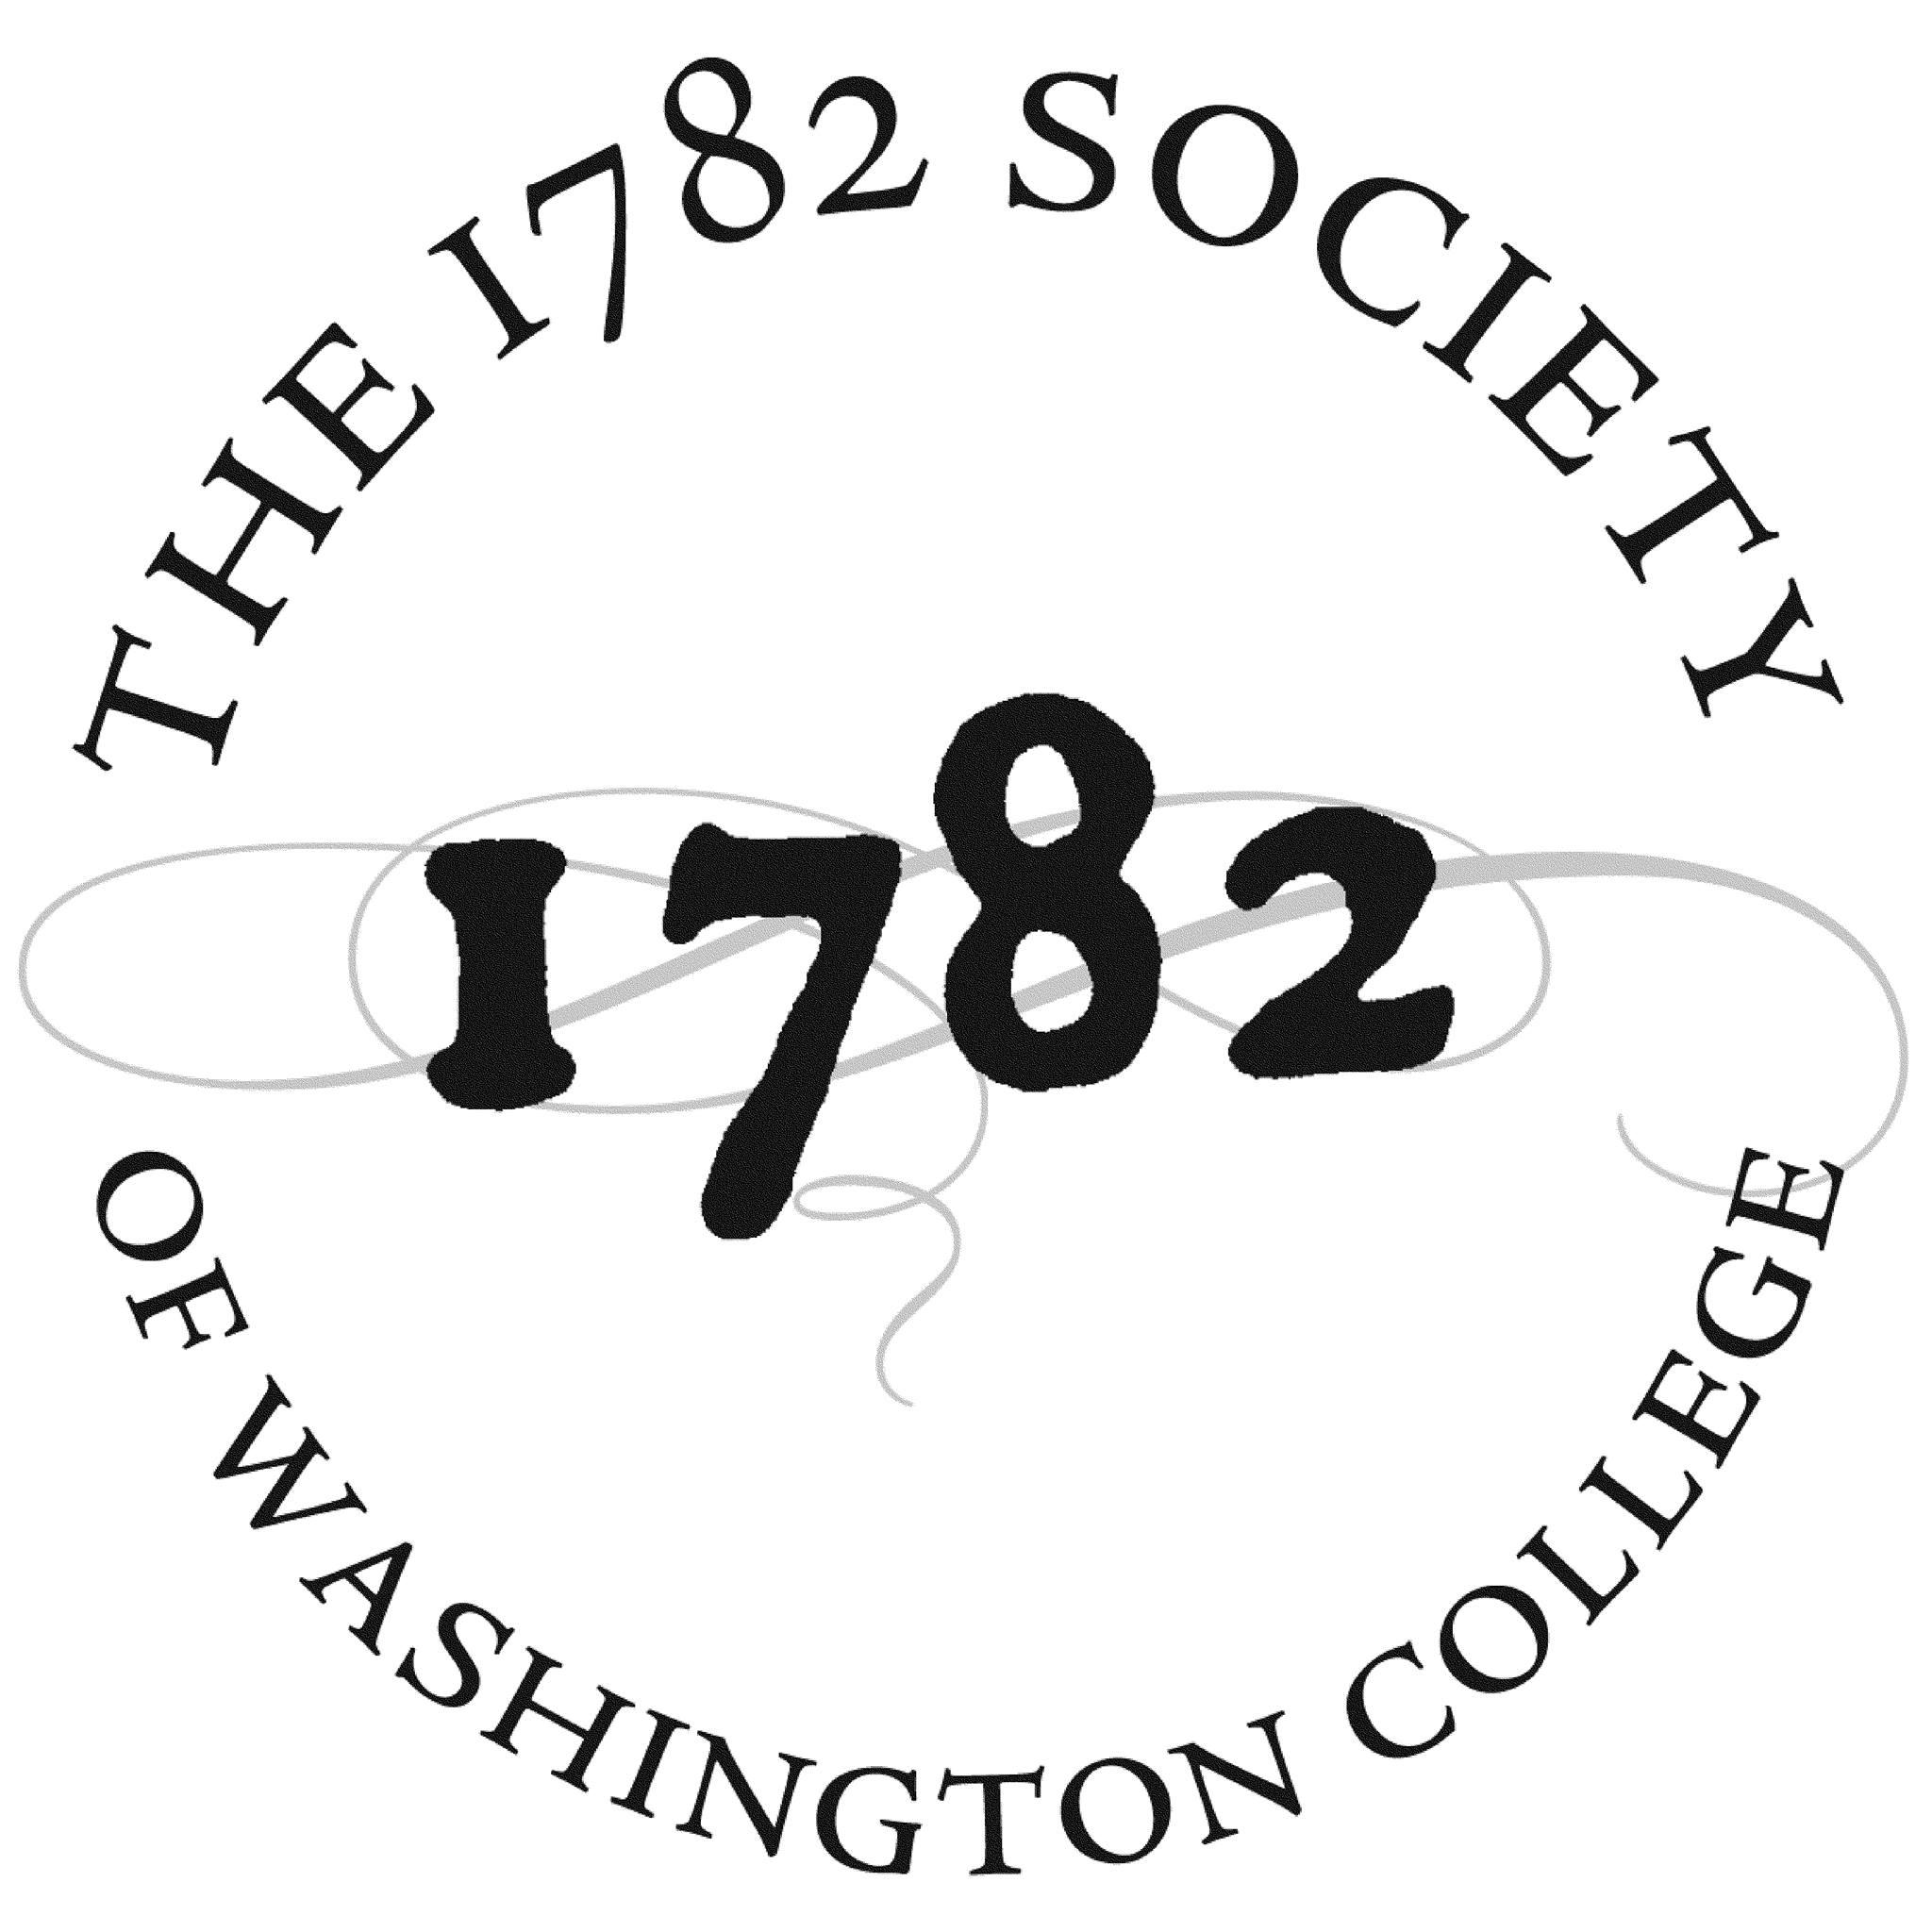 The 1782 Society